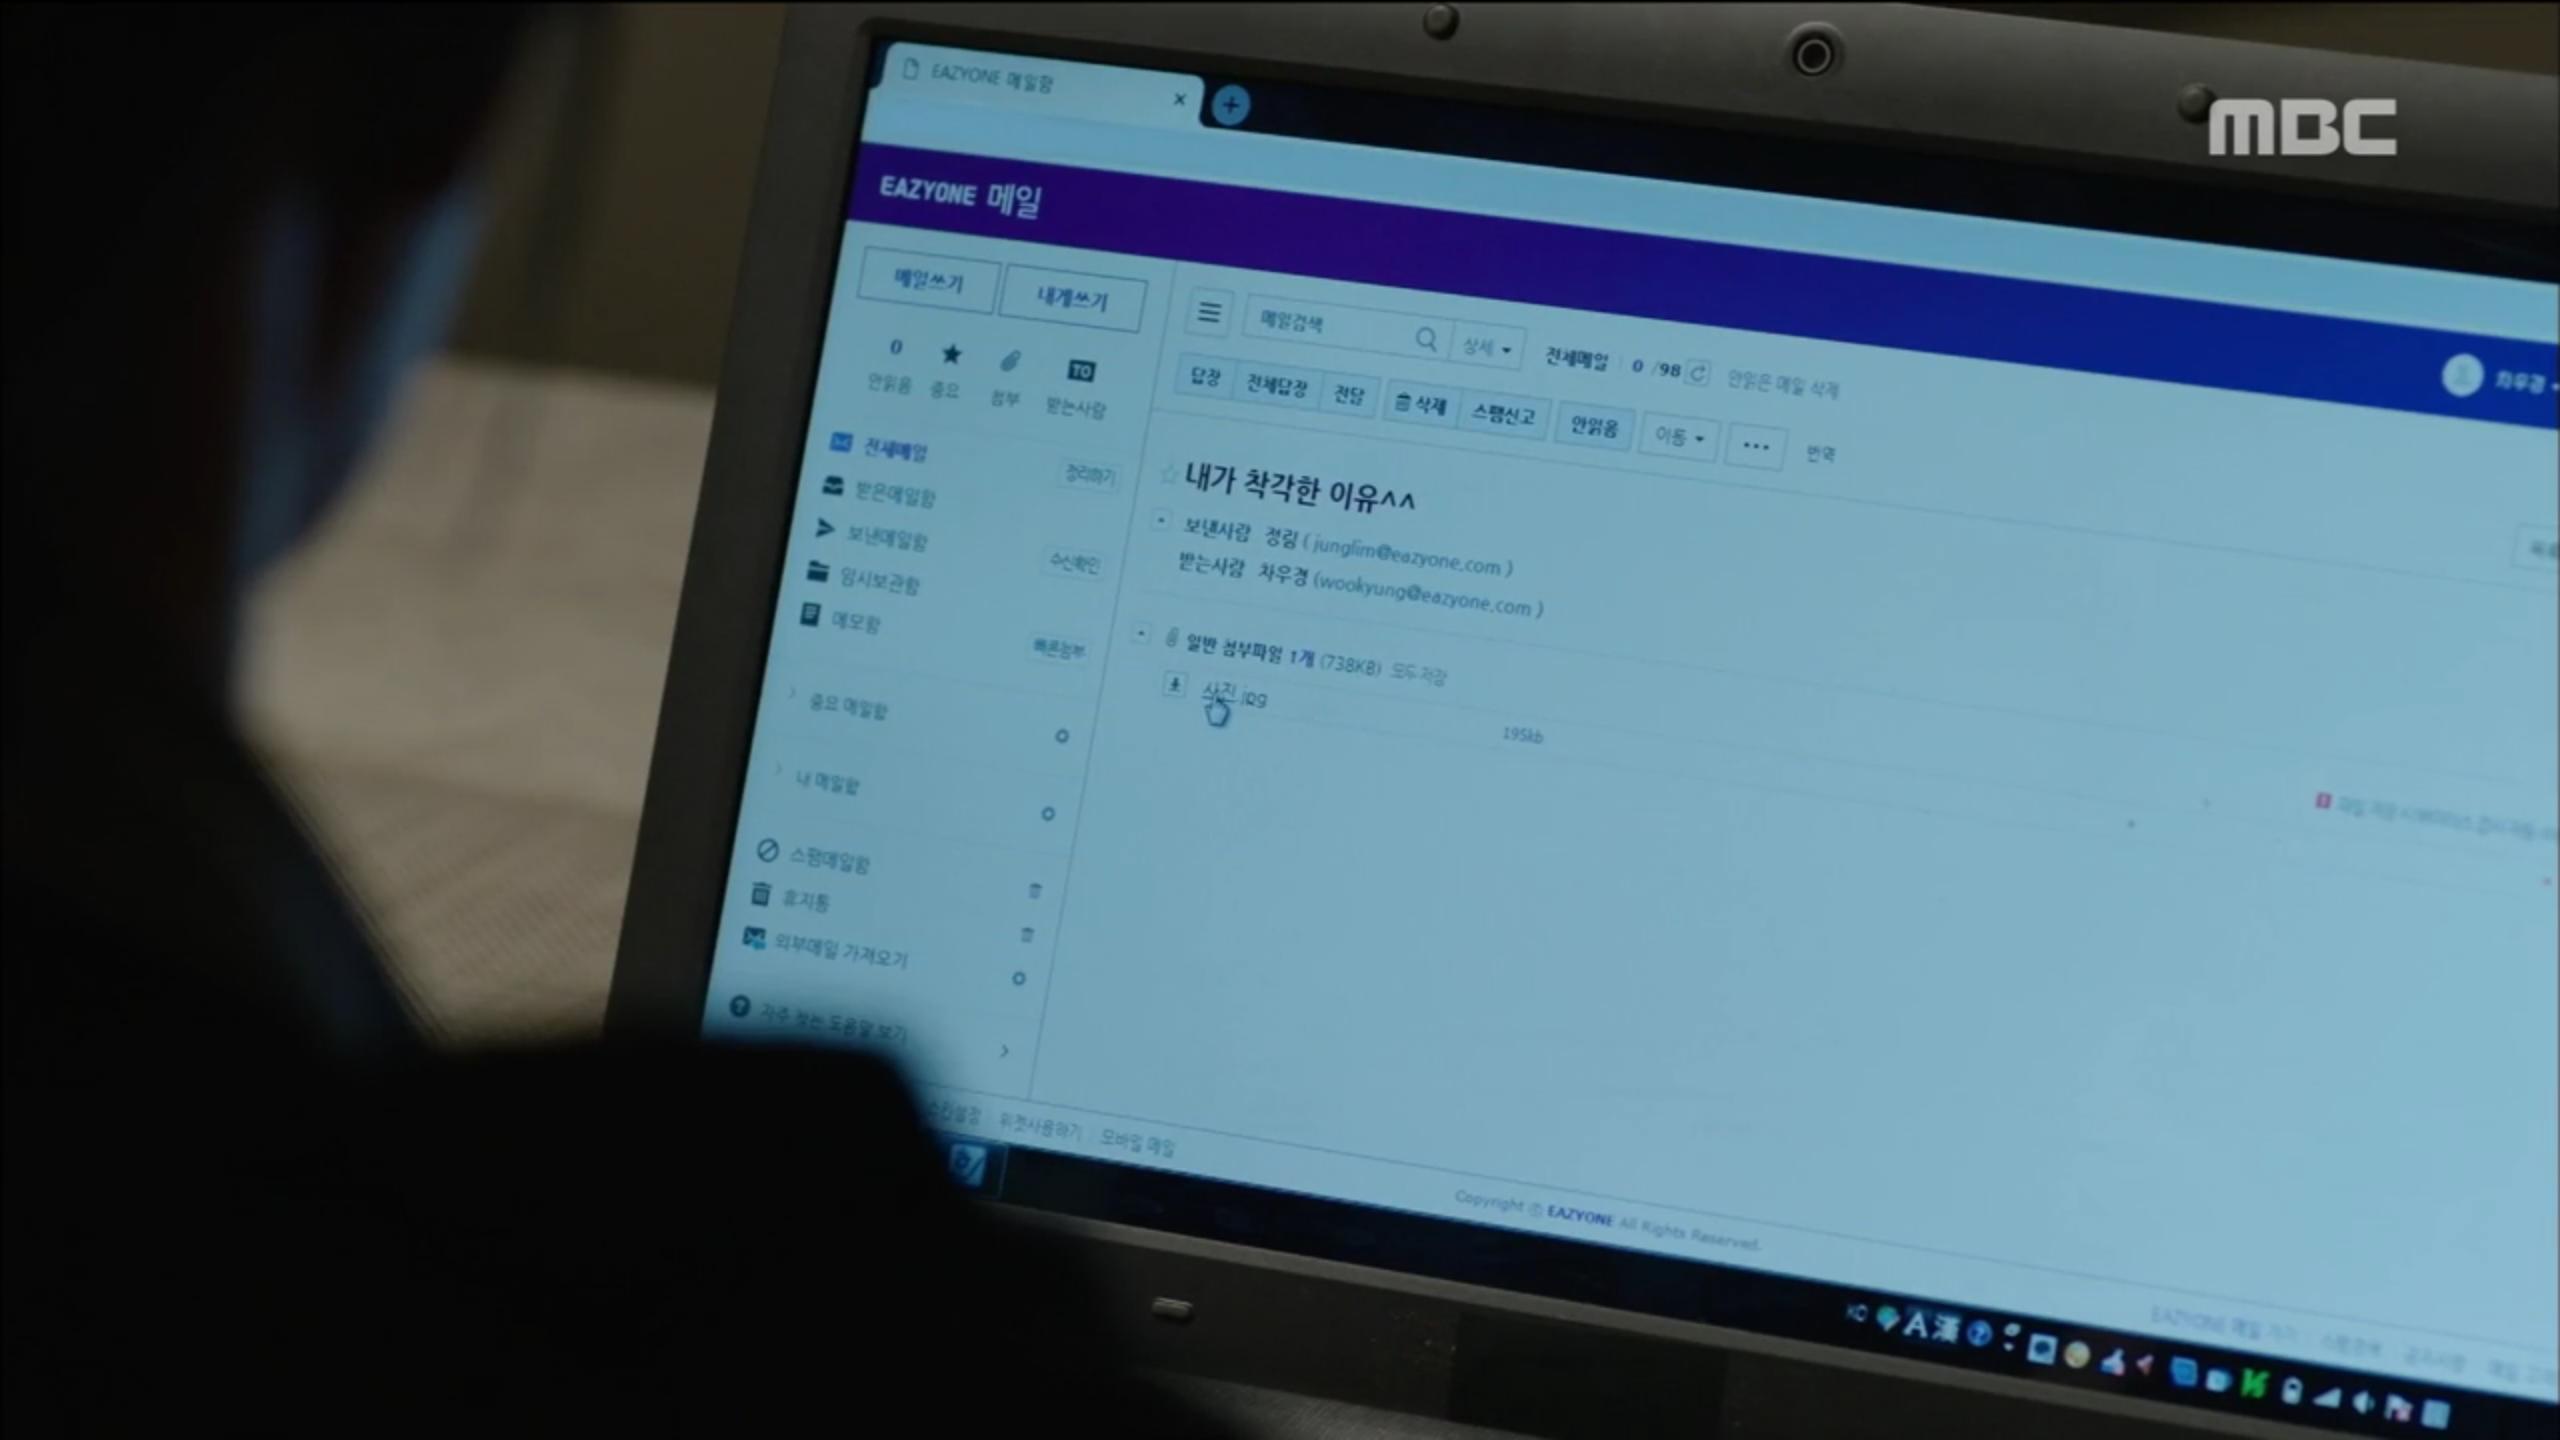 '붉은 달 푸른 해' 반전에 반전! 김선아, 기억 속 녹색 원피스 떠올렸다…'피해자? 가해자?'